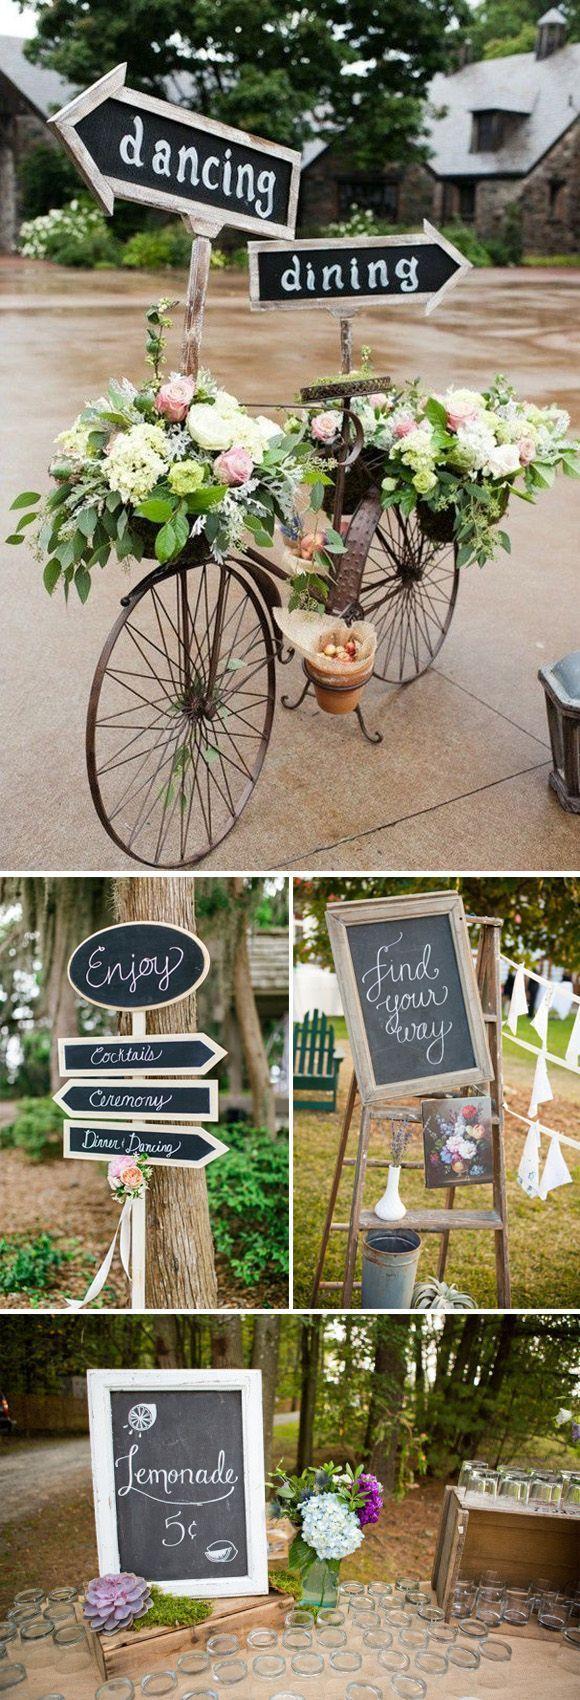 Adornos para bodas con grandes ejemplos. ¡Compruébalo!